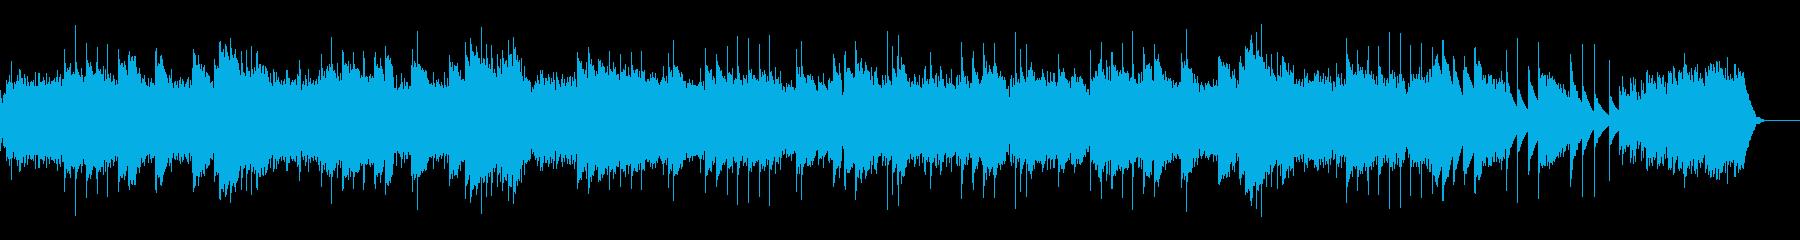 動物の謝肉祭 白鳥 (オルゴール)の再生済みの波形